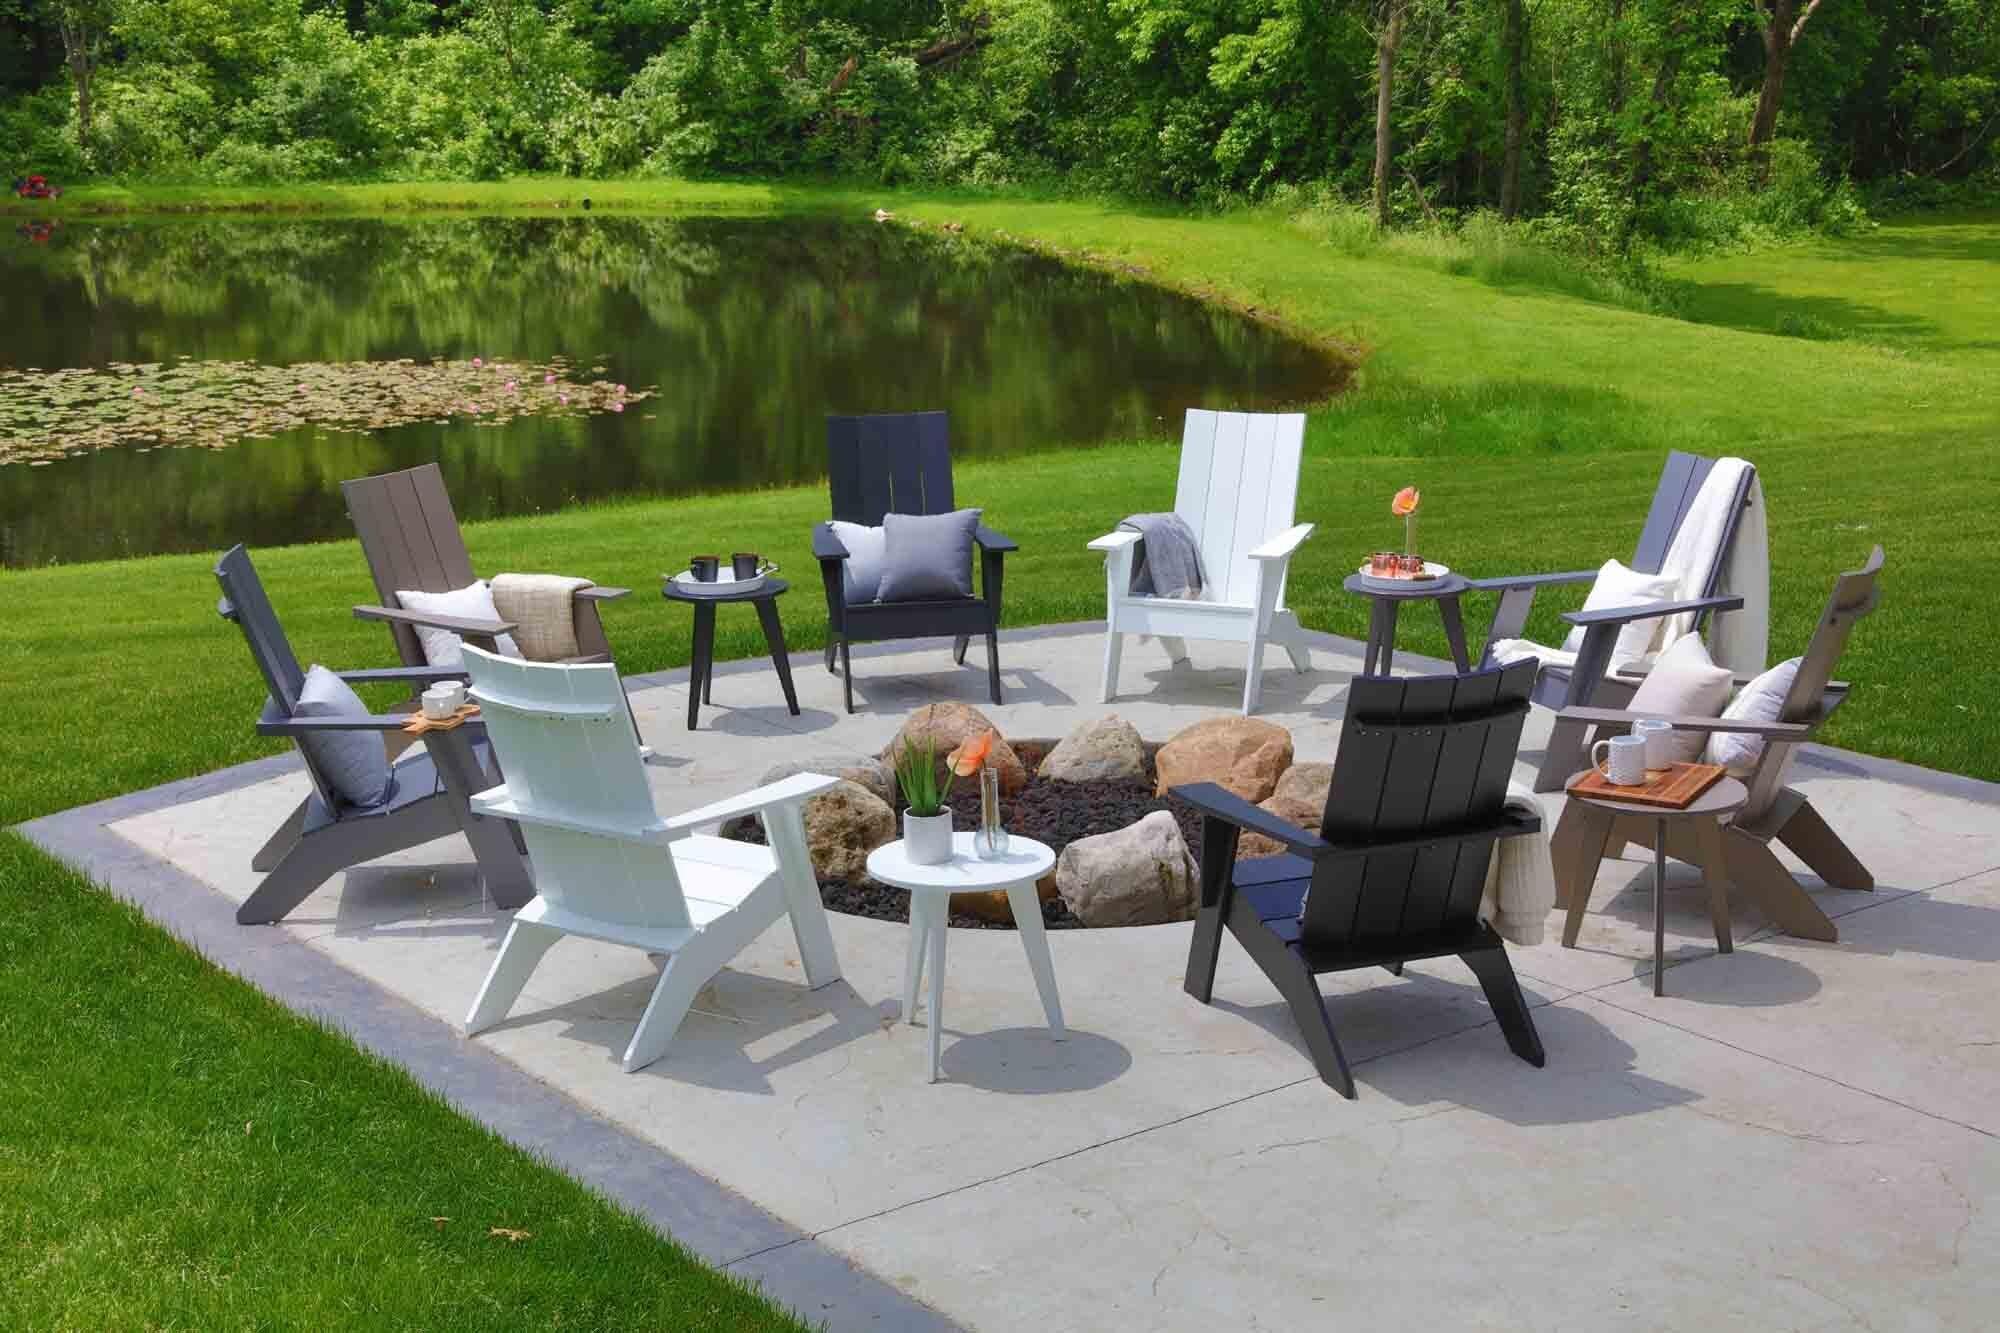 nordic adirondack outdoor furniture